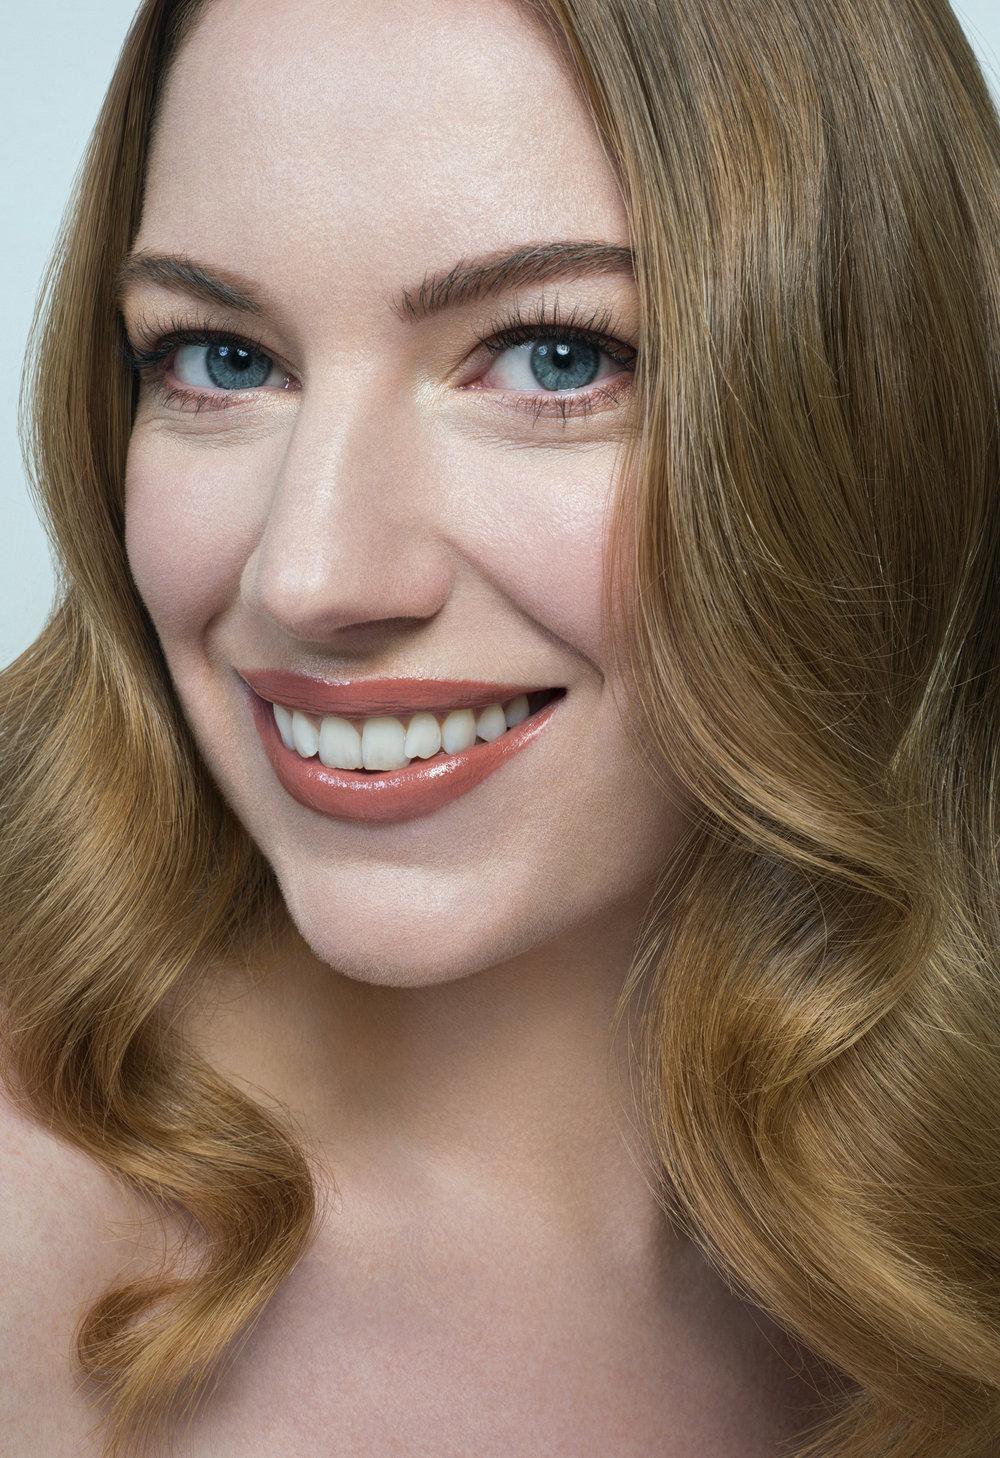 Lily-De-Mai-Elise-Skincare-One.jpg